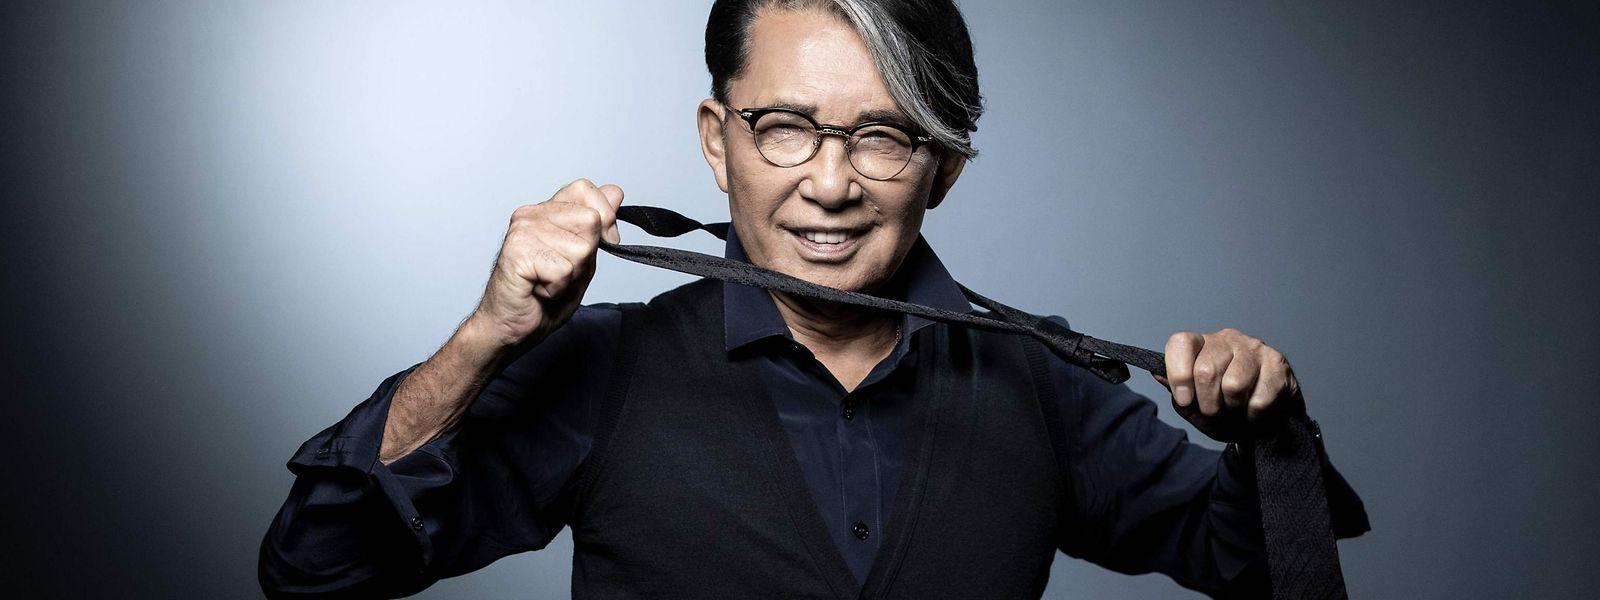 Takada stammte aus Japan, machte aber fast seine gesamte Designer-Karriere in der glamourösen Modemetropole Paris. Sein Vorname wurde dabei zu einer weltweit bekannten Marke.